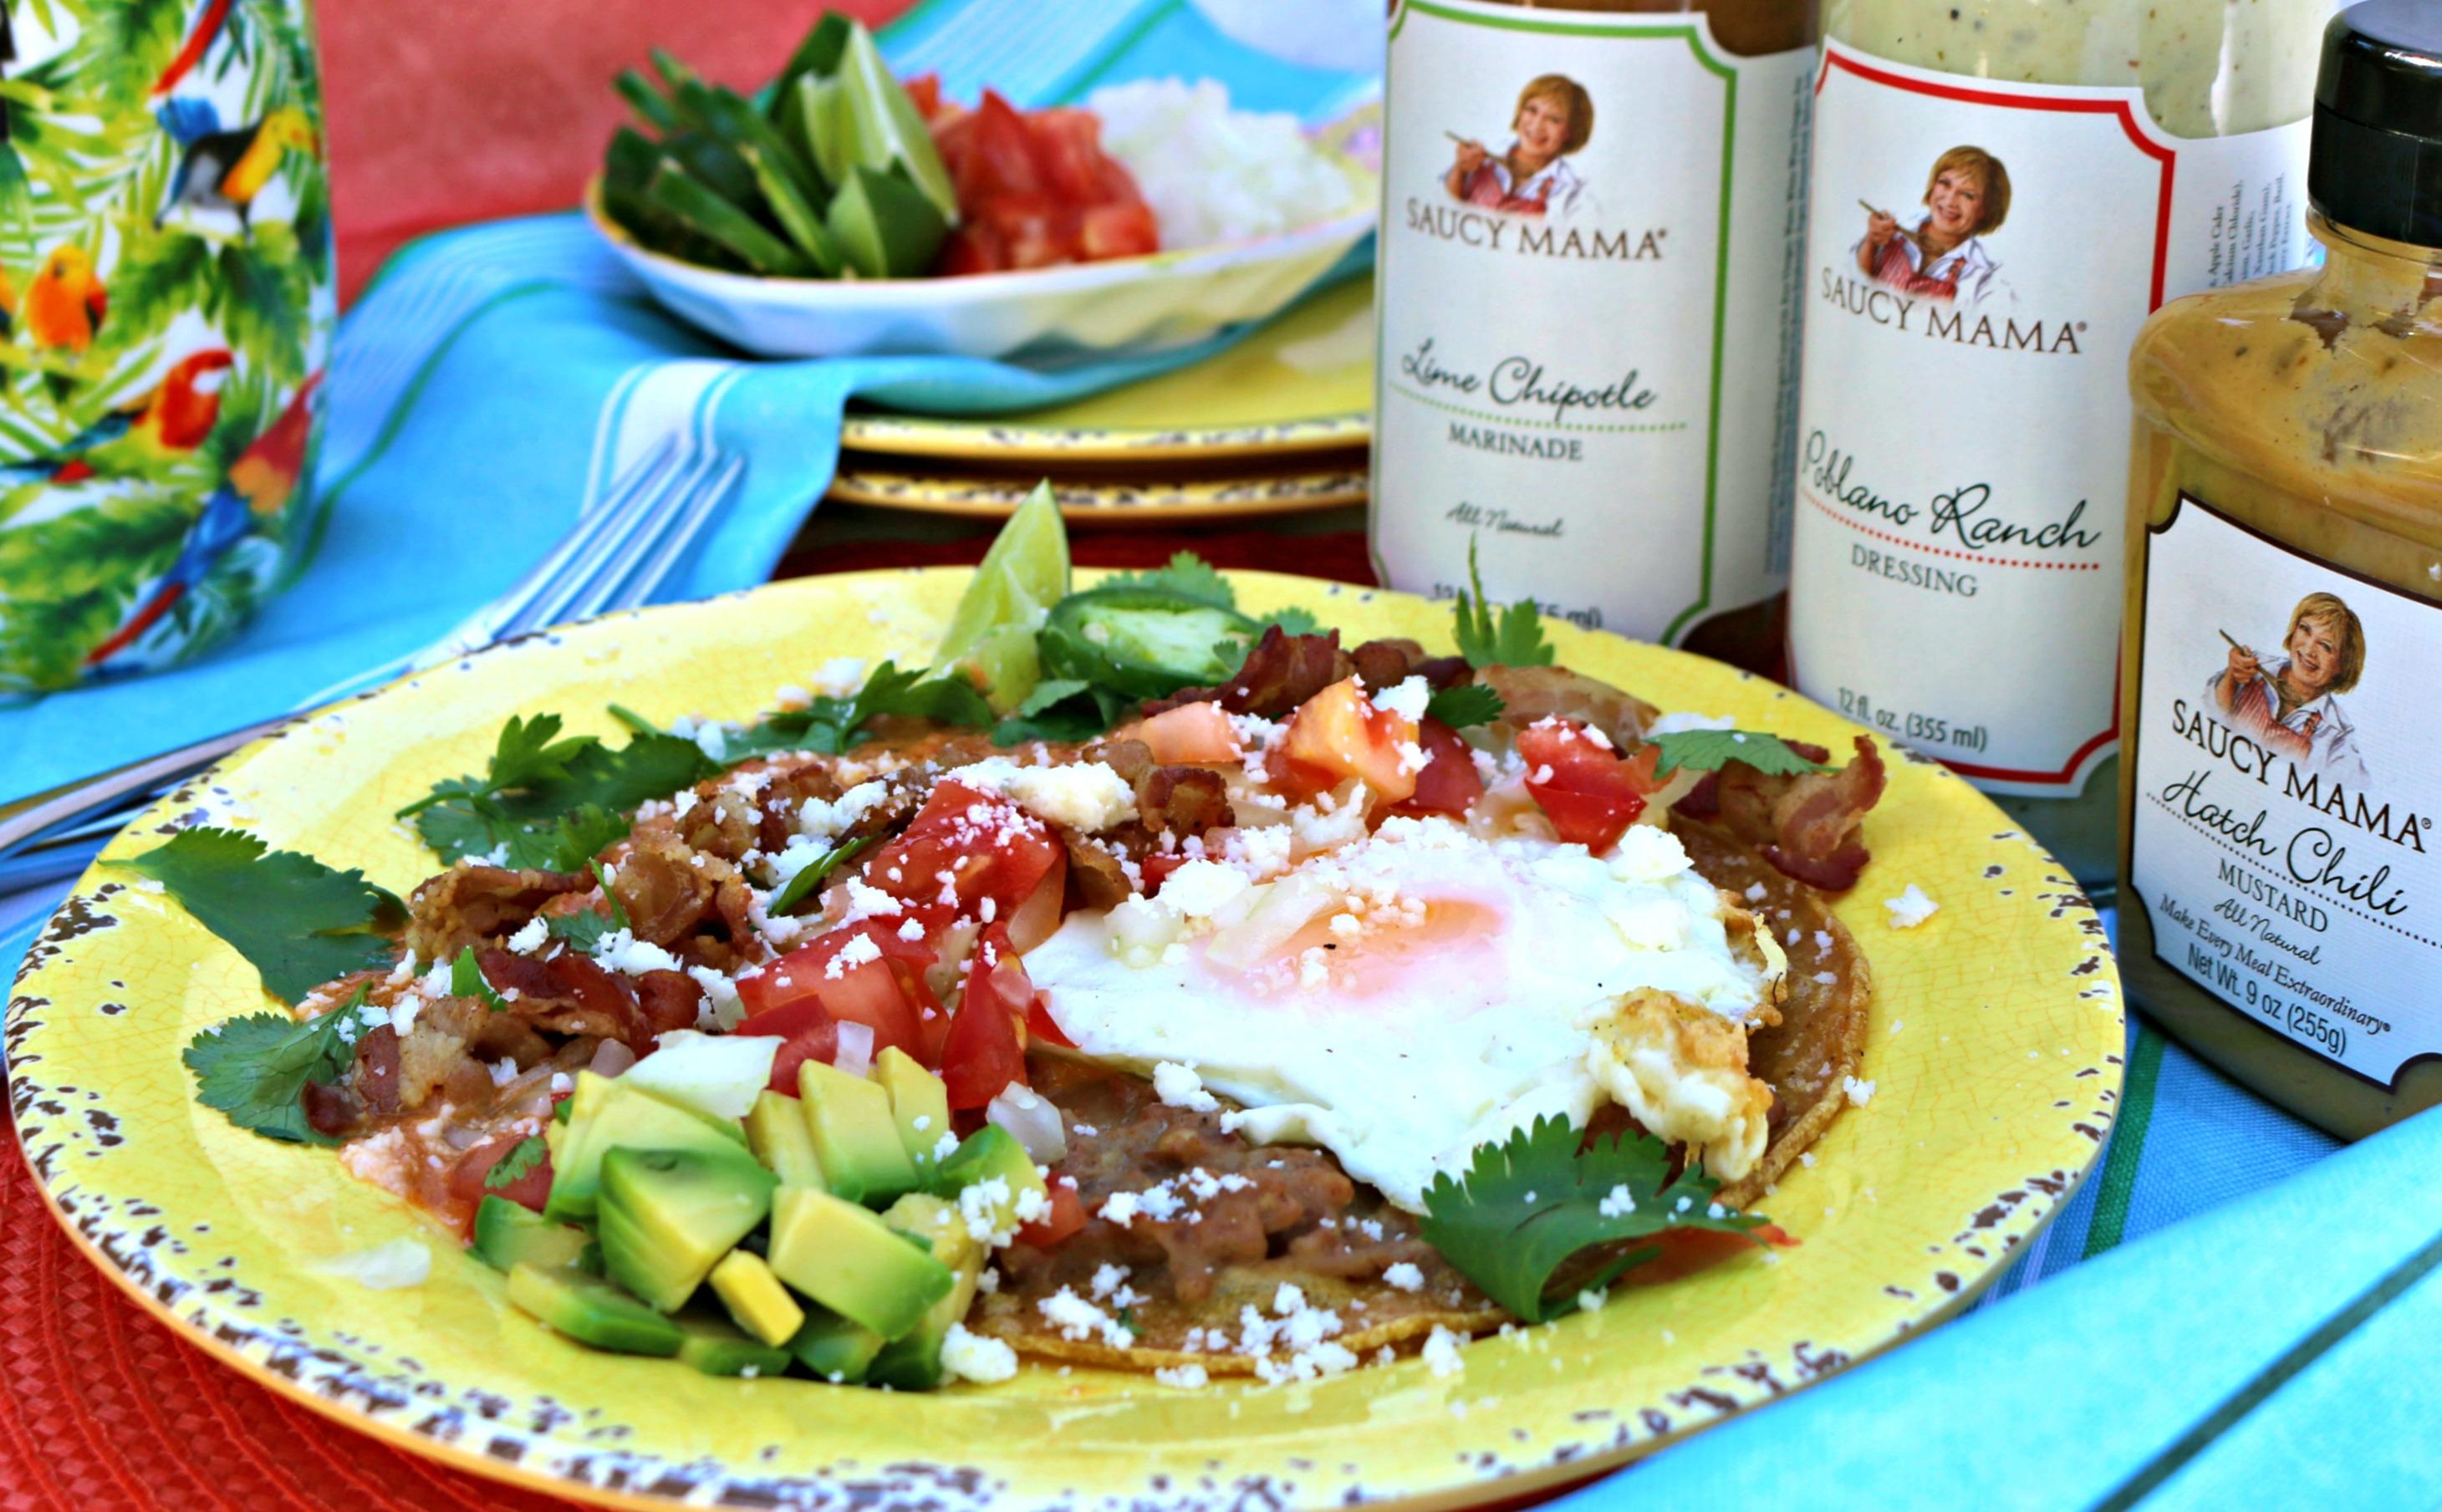 Huevos rancheros 2017 saucy mama recipe contest entry 2017 saucy mama recipe contest huevos rancheros forumfinder Gallery